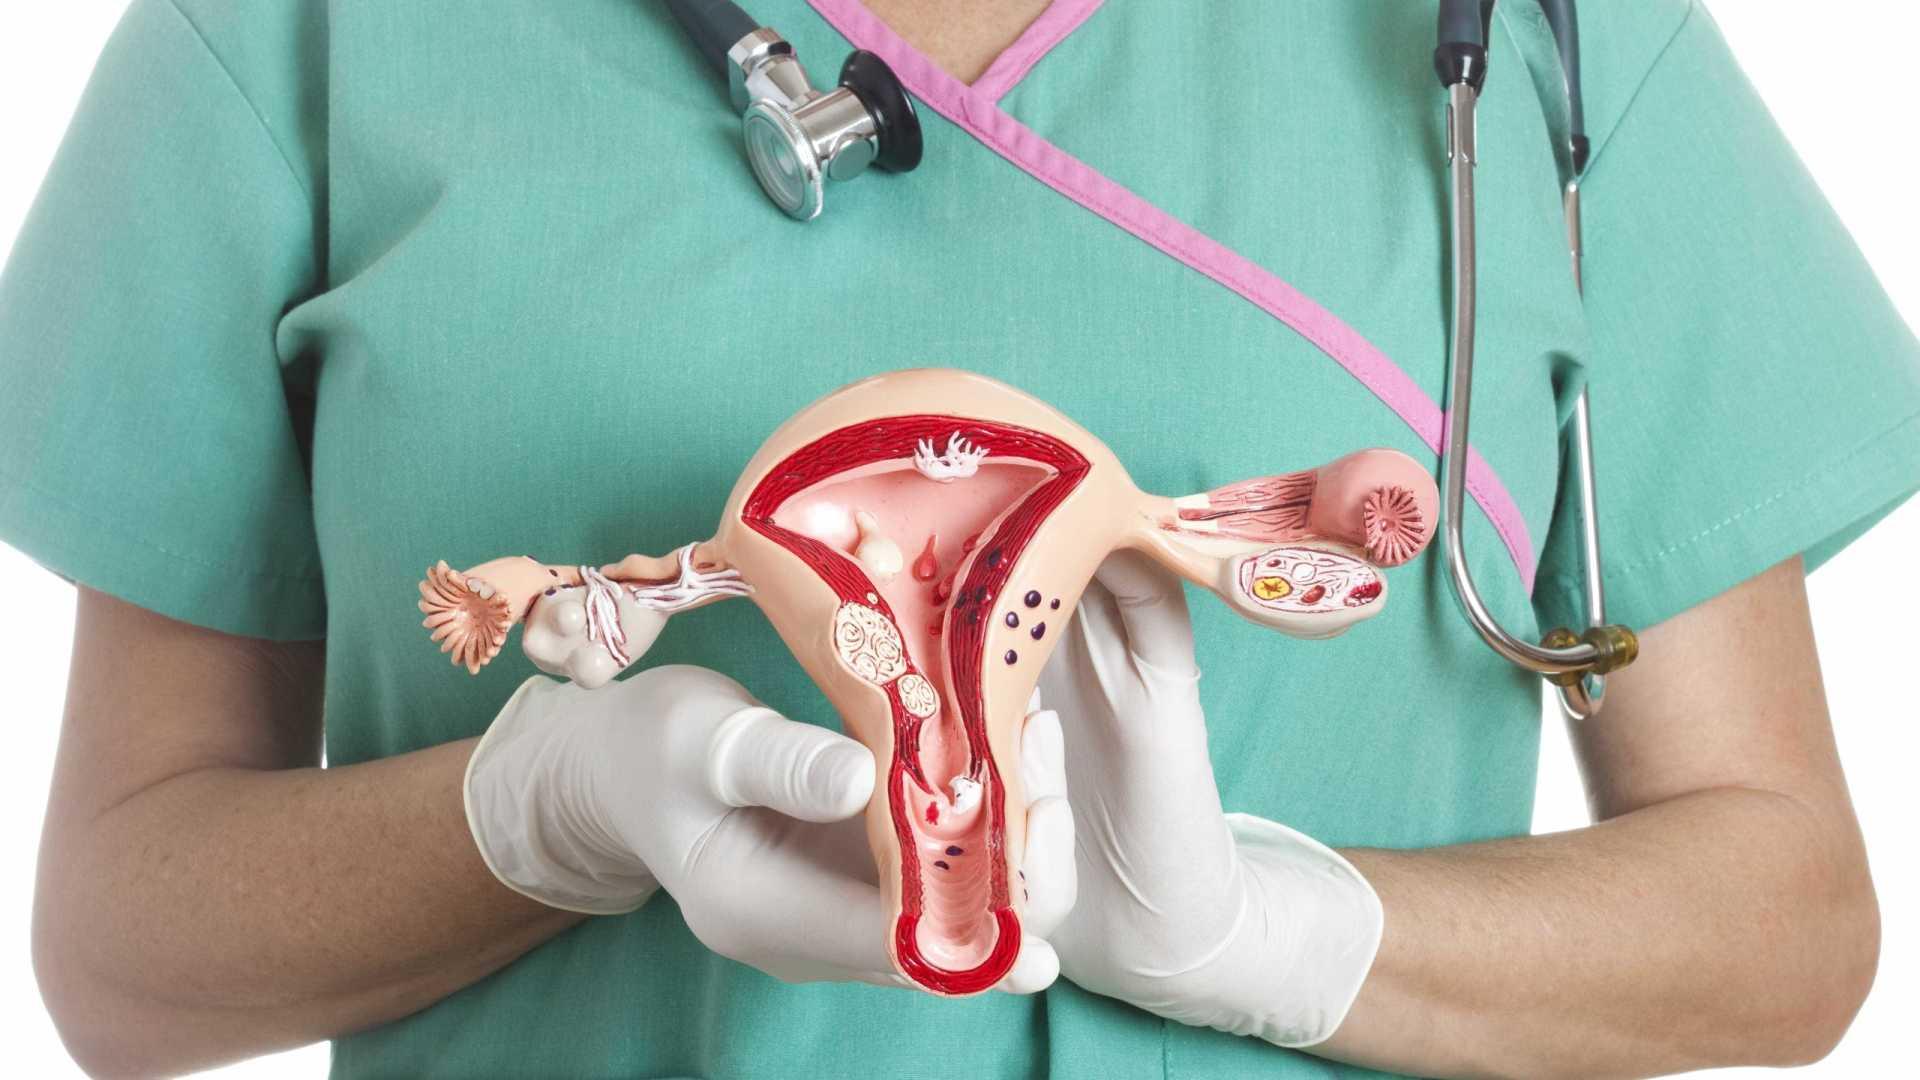 5 правил профилактики дисфункции яичников и способы диагностики проблемы